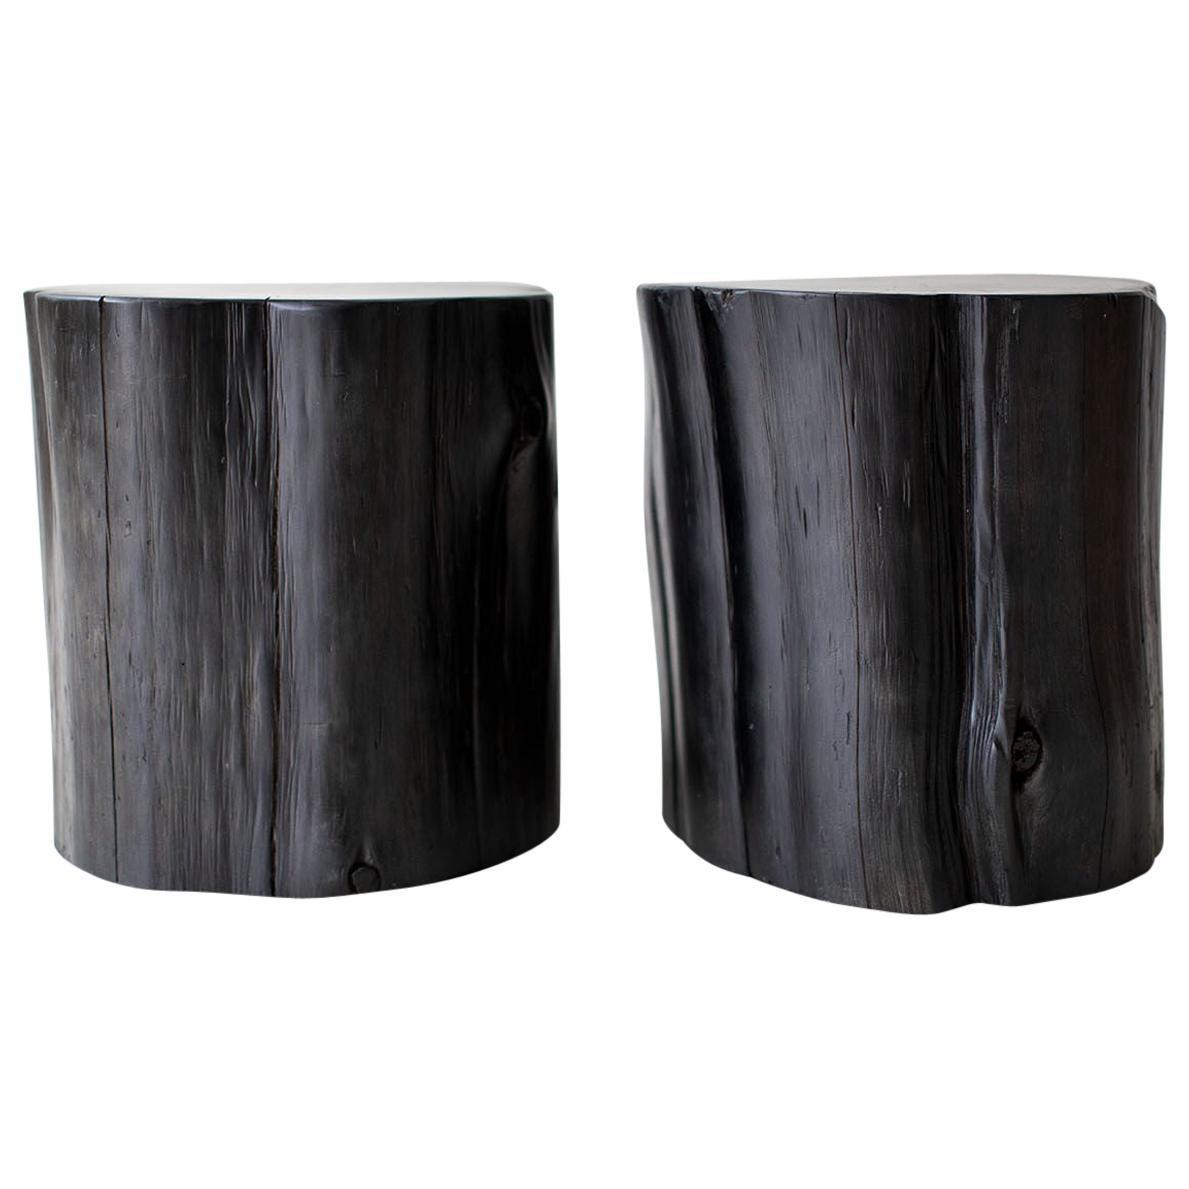 Large Tree Stump Side Tables, Black